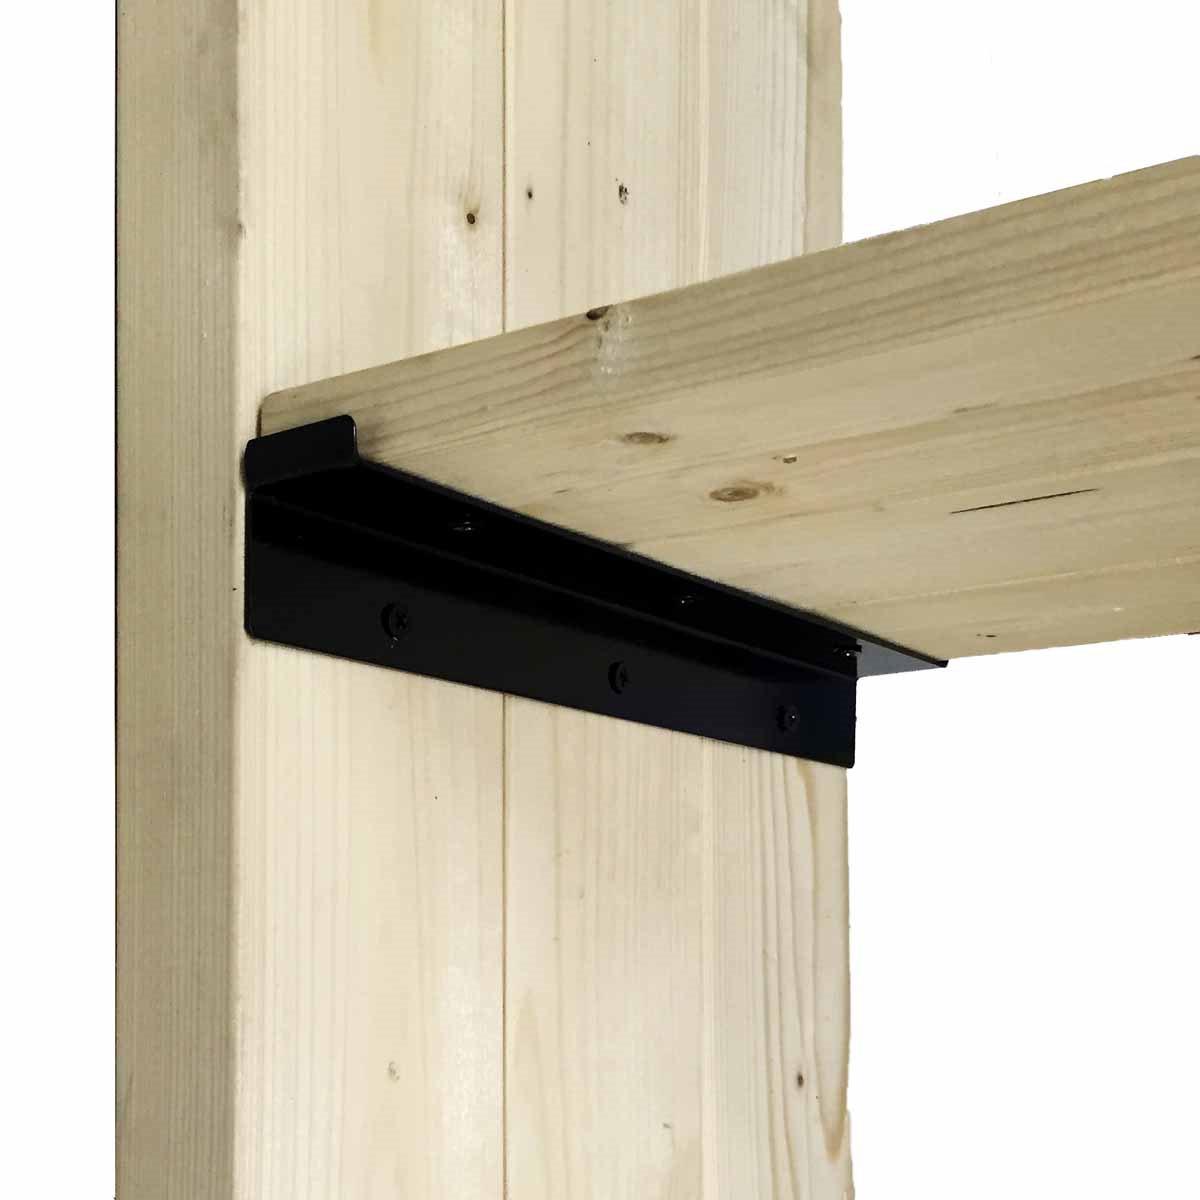 キズをつけなくない壁に 格安 価格でご提供いたします 新作続 ツーバイ材 工具不要 棚 ラック 木製 ウォリスト WAKI WAT-007 Walist 和気産業 黒 棚受金具3枚用 2個入